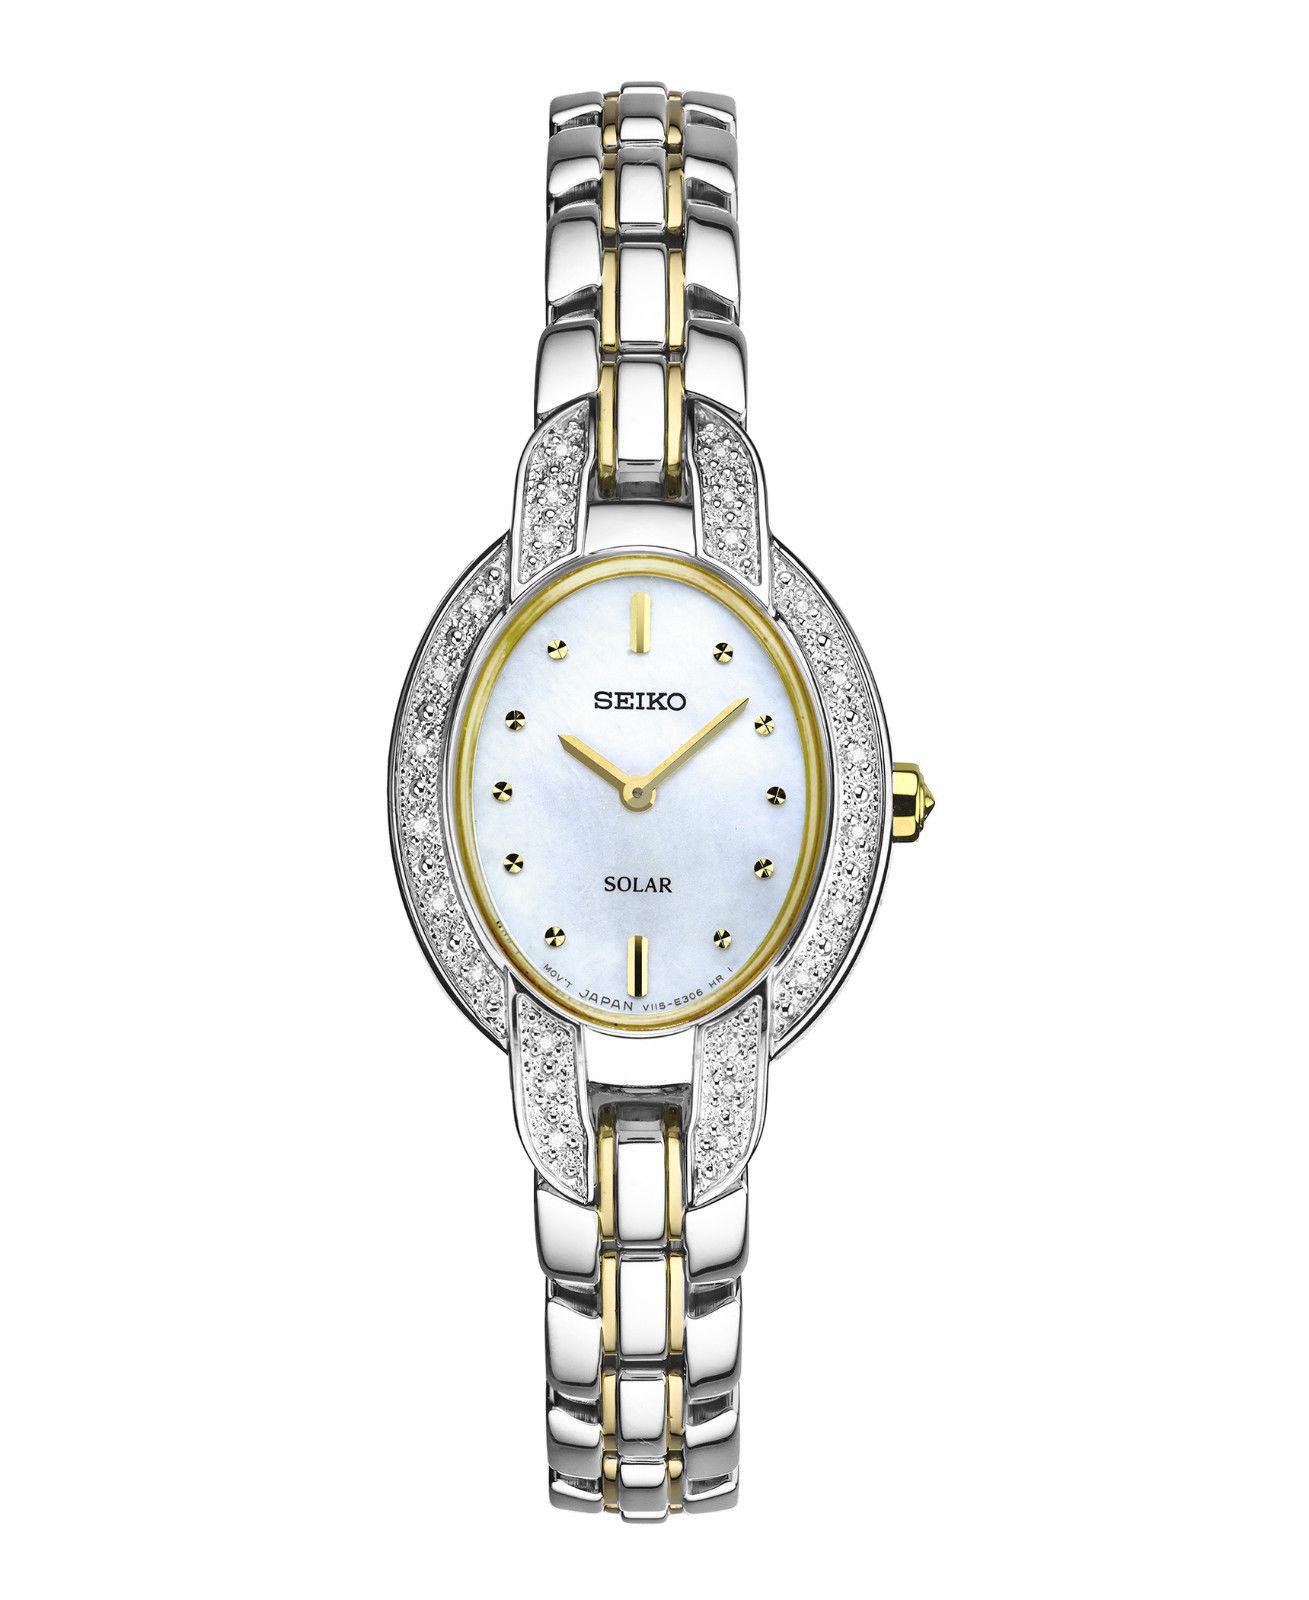 นาฬิกาผู้หญิง Seiko รุ่น SUP325, Solar Diamond Two-Tone Stainless Steel Women's Watch